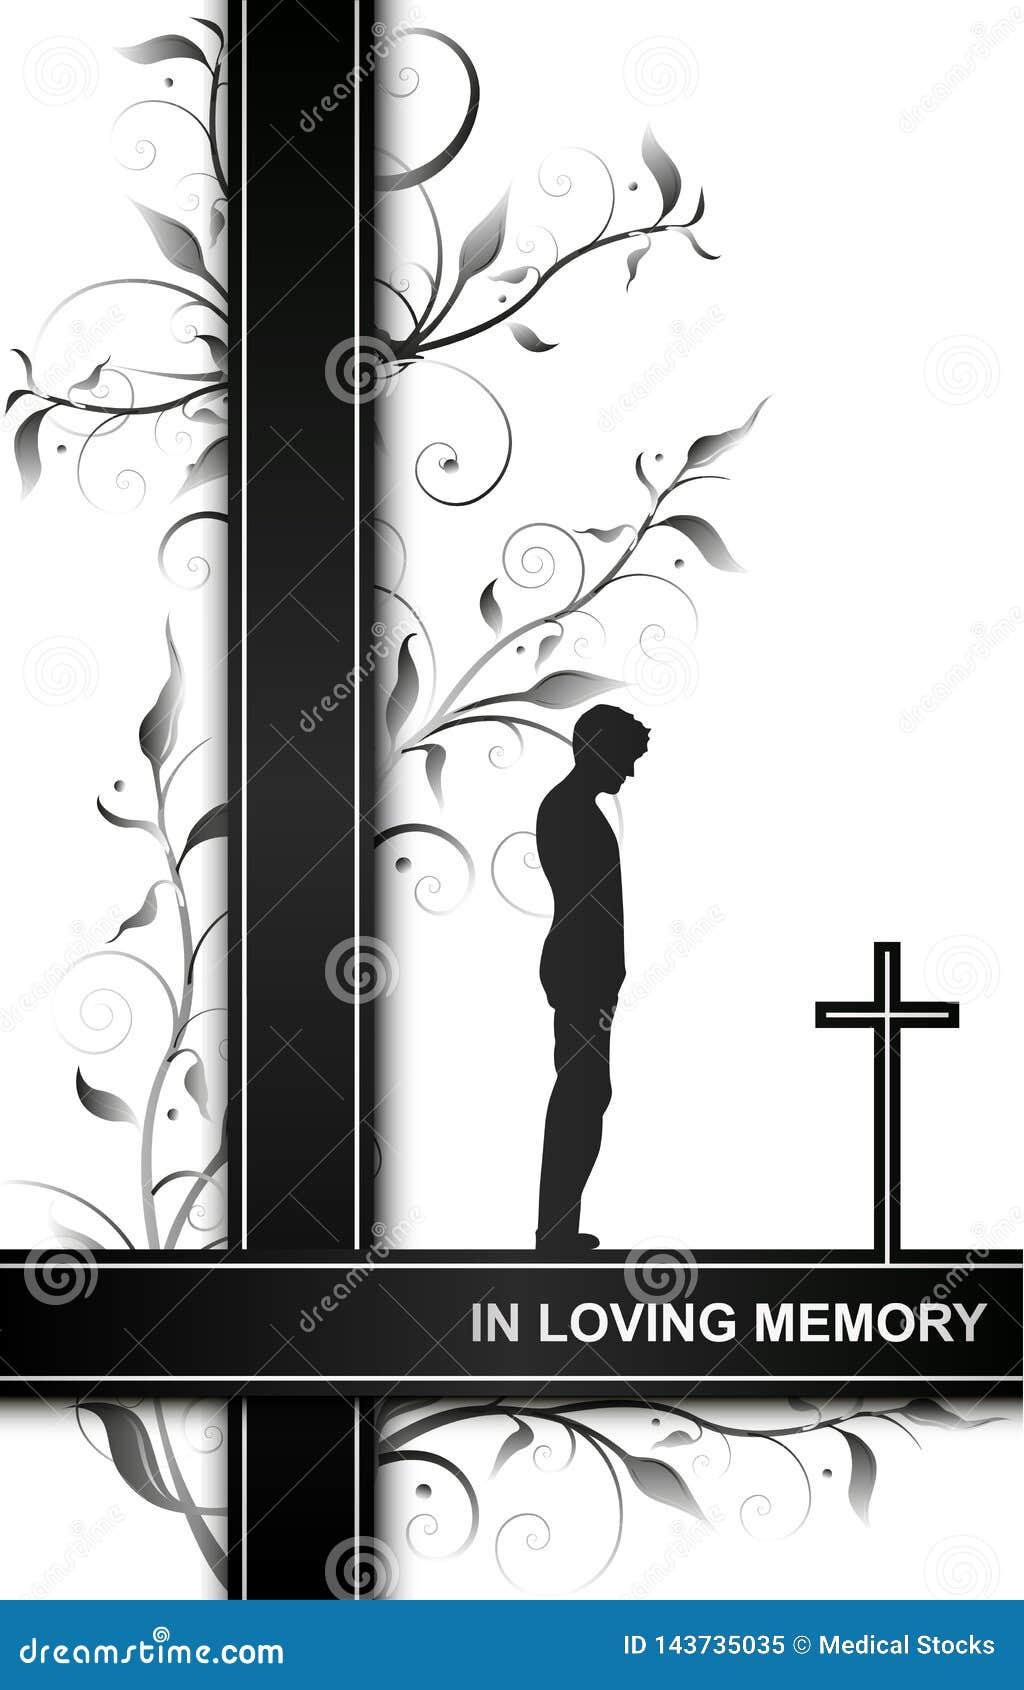 Opłakiwać karciany w kochającej pamięci z mężczyzną na krzyżu odizolowywających na białym tle kwiecistych elementach i